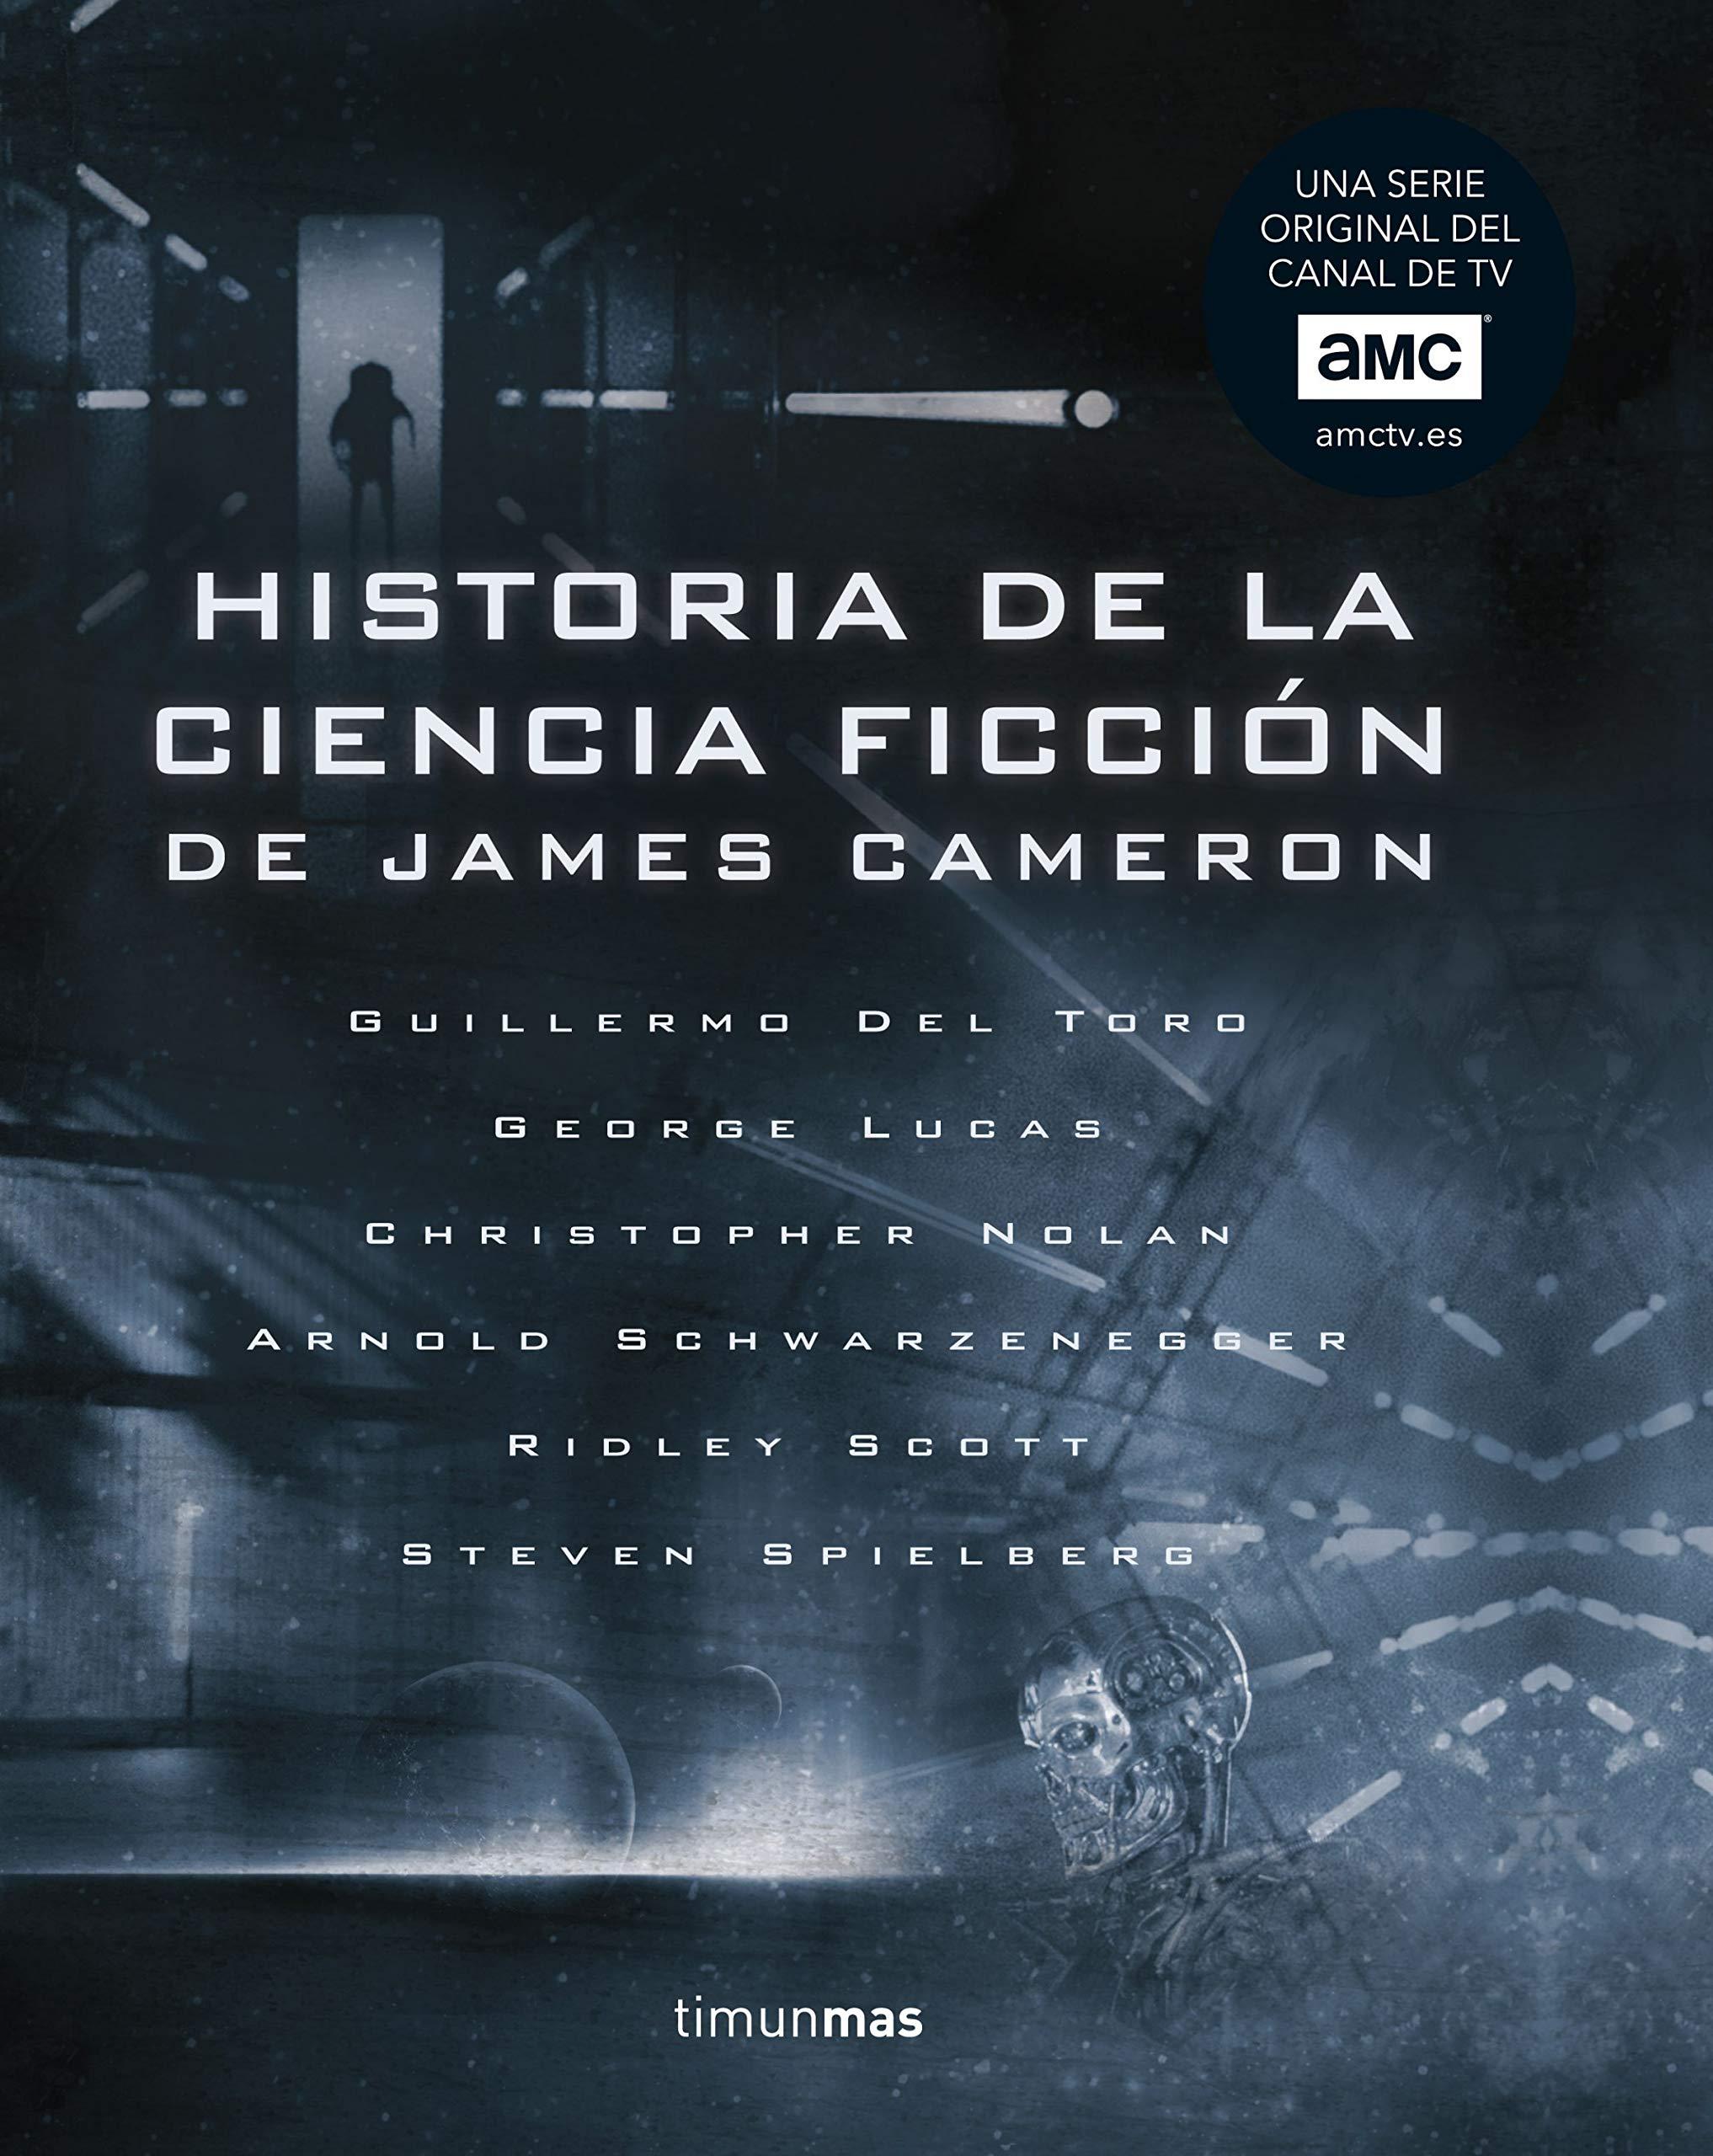 Historia de la ciencia ficción, de James Cameron (Volúmenes independientes) Tapa dura – 4 sep 2018 Diversos Autores Minotauro 8445005464 Films